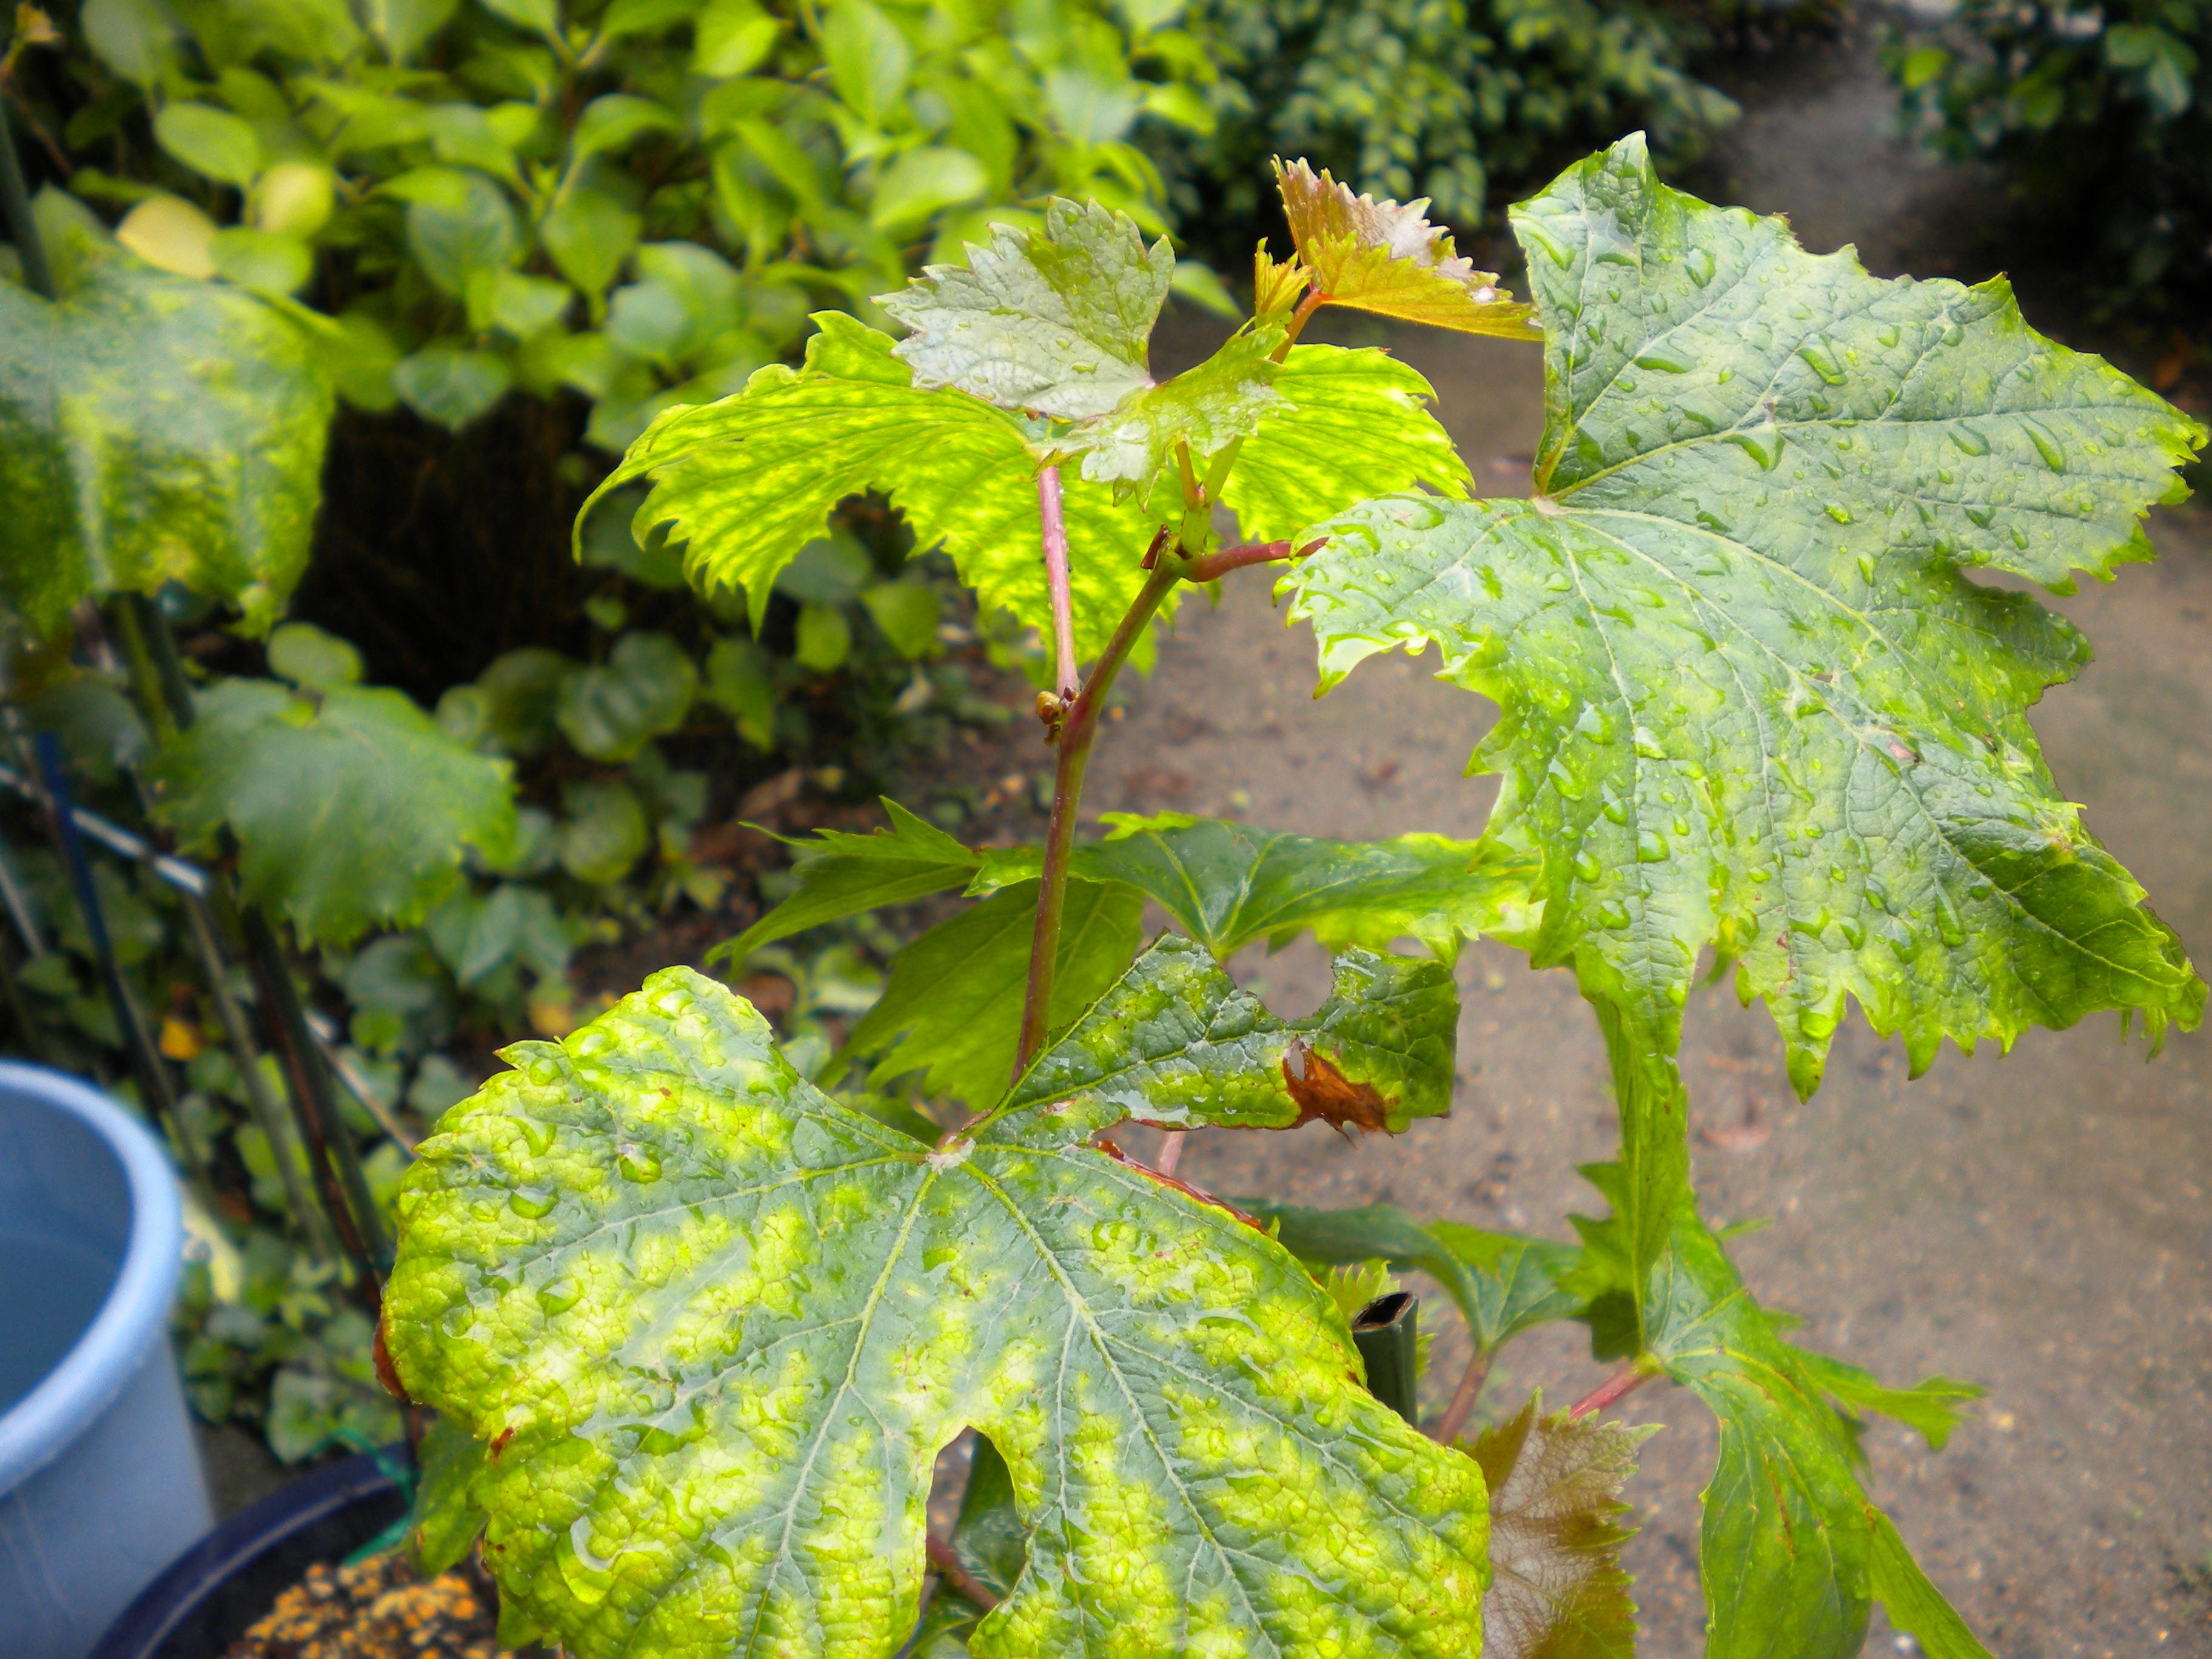 ぶどうの葉が黄色くなるマグネシウム欠乏症